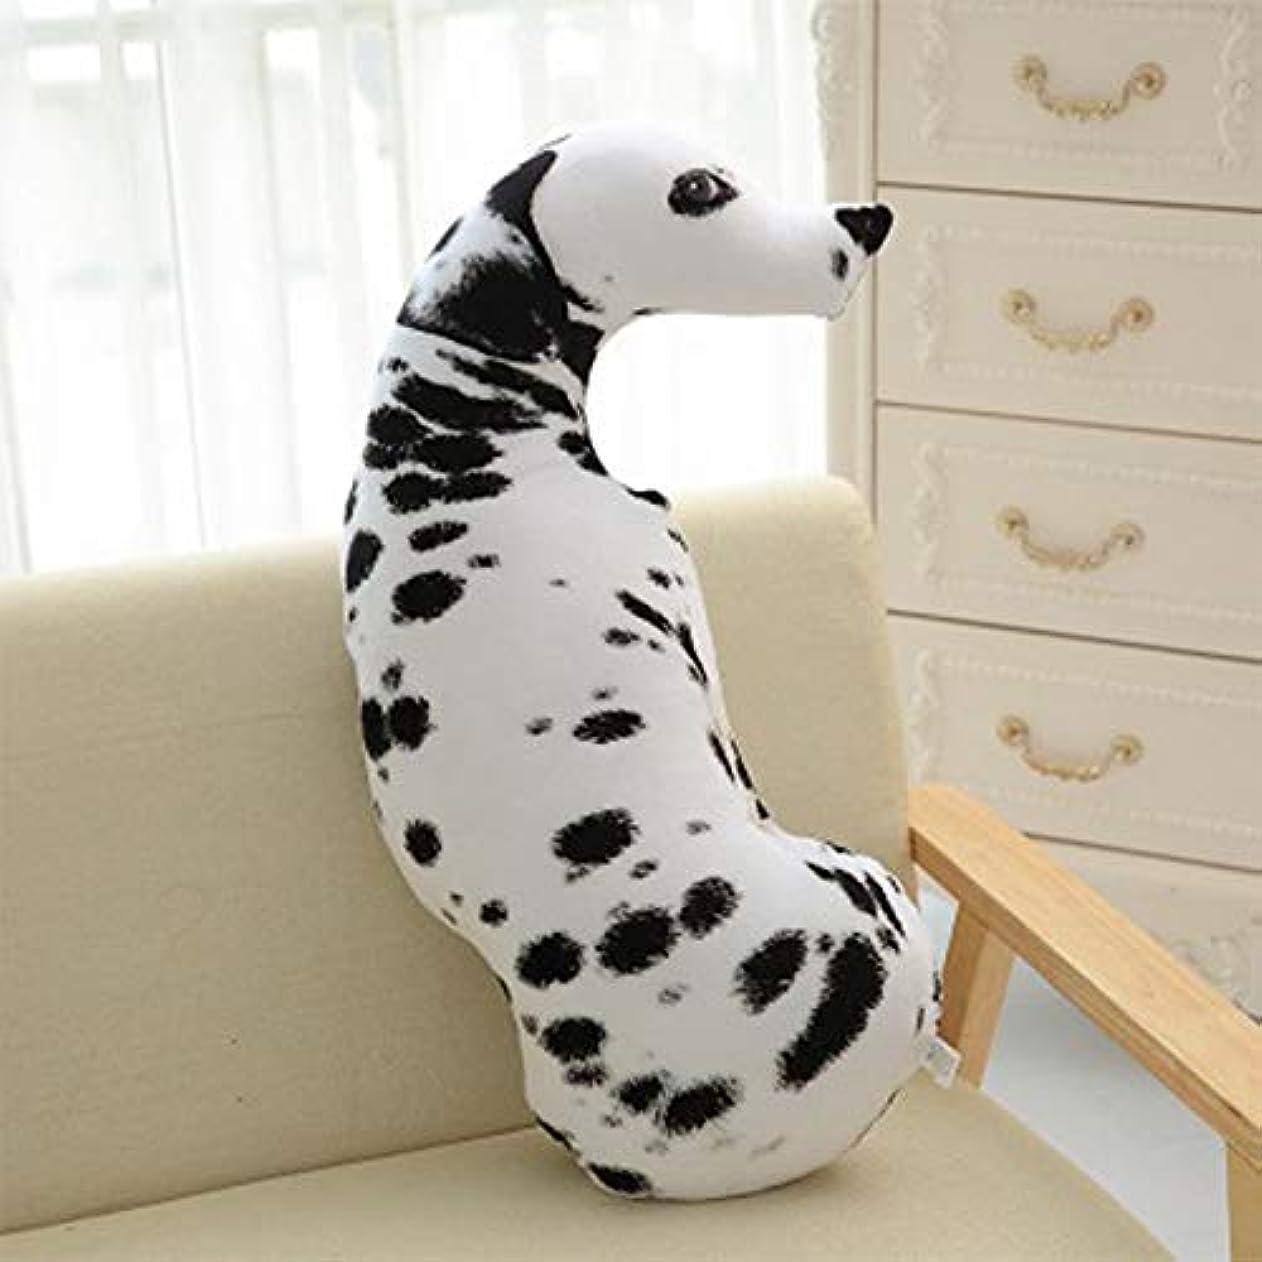 シットコム簡単なアルプスLIFE 3D プリントシミュレーション犬ぬいぐるみクッションぬいぐるみ犬ぬいぐるみ枕ぬいぐるみの漫画クッションキッズ人形ベストギフト クッション 椅子